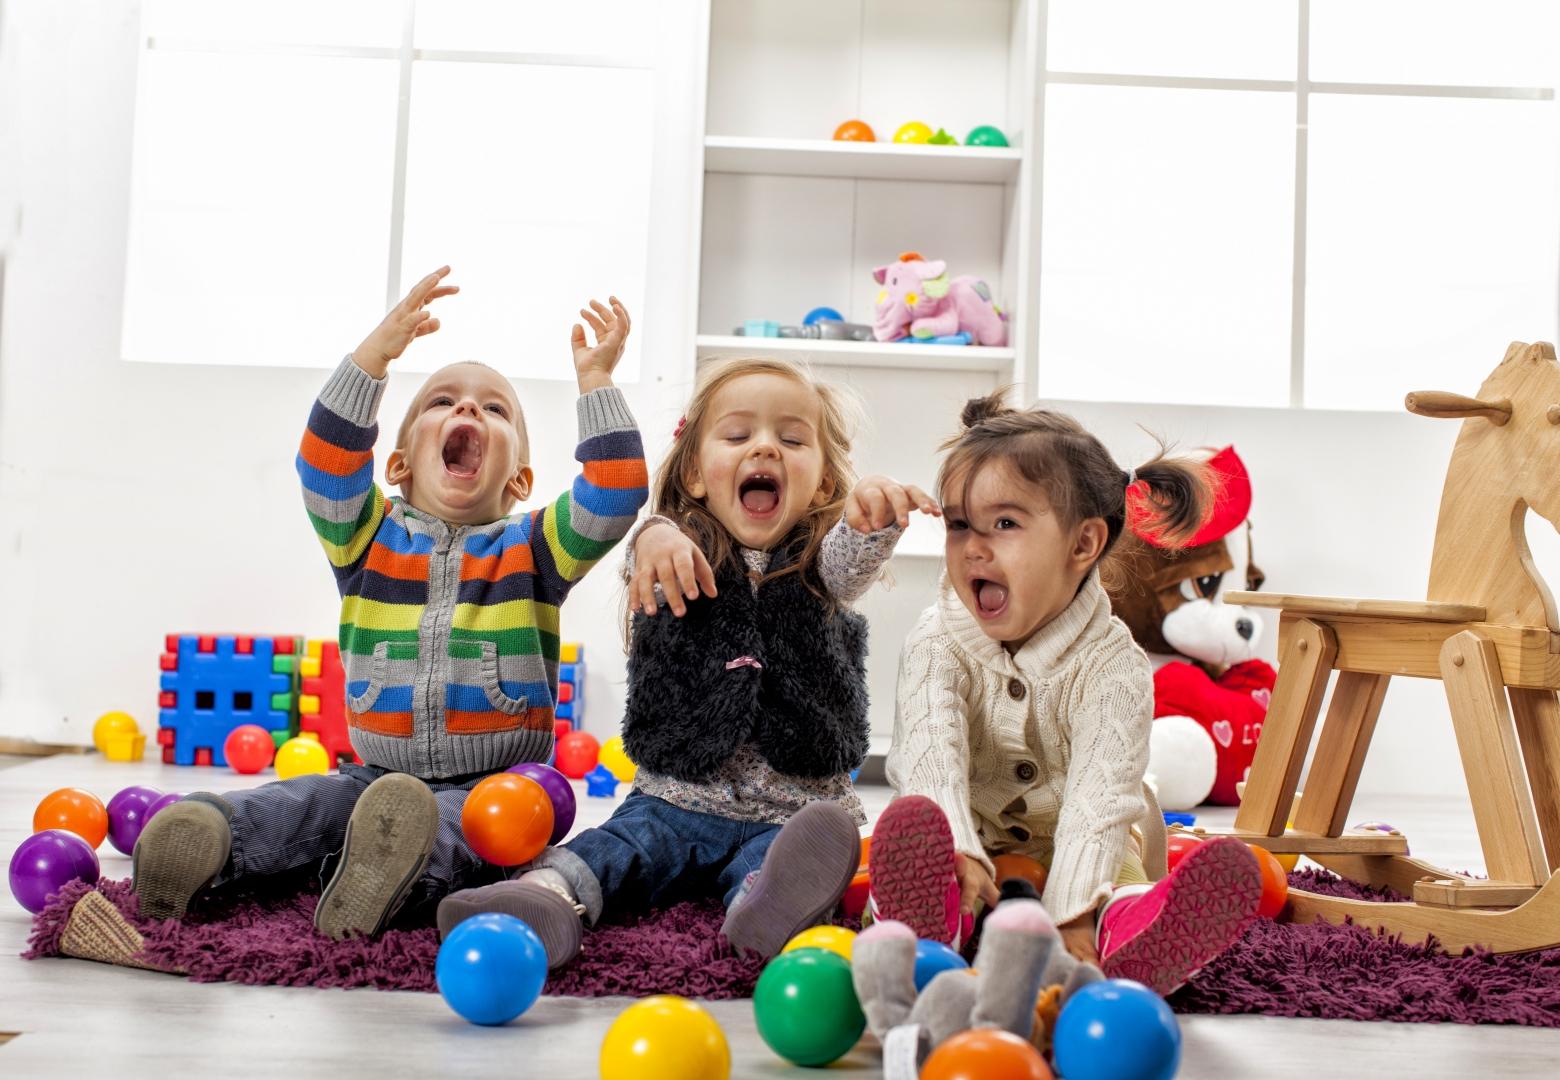 Η σημασία των παιχνιδιών στην ανάπτυξη του παιδιού